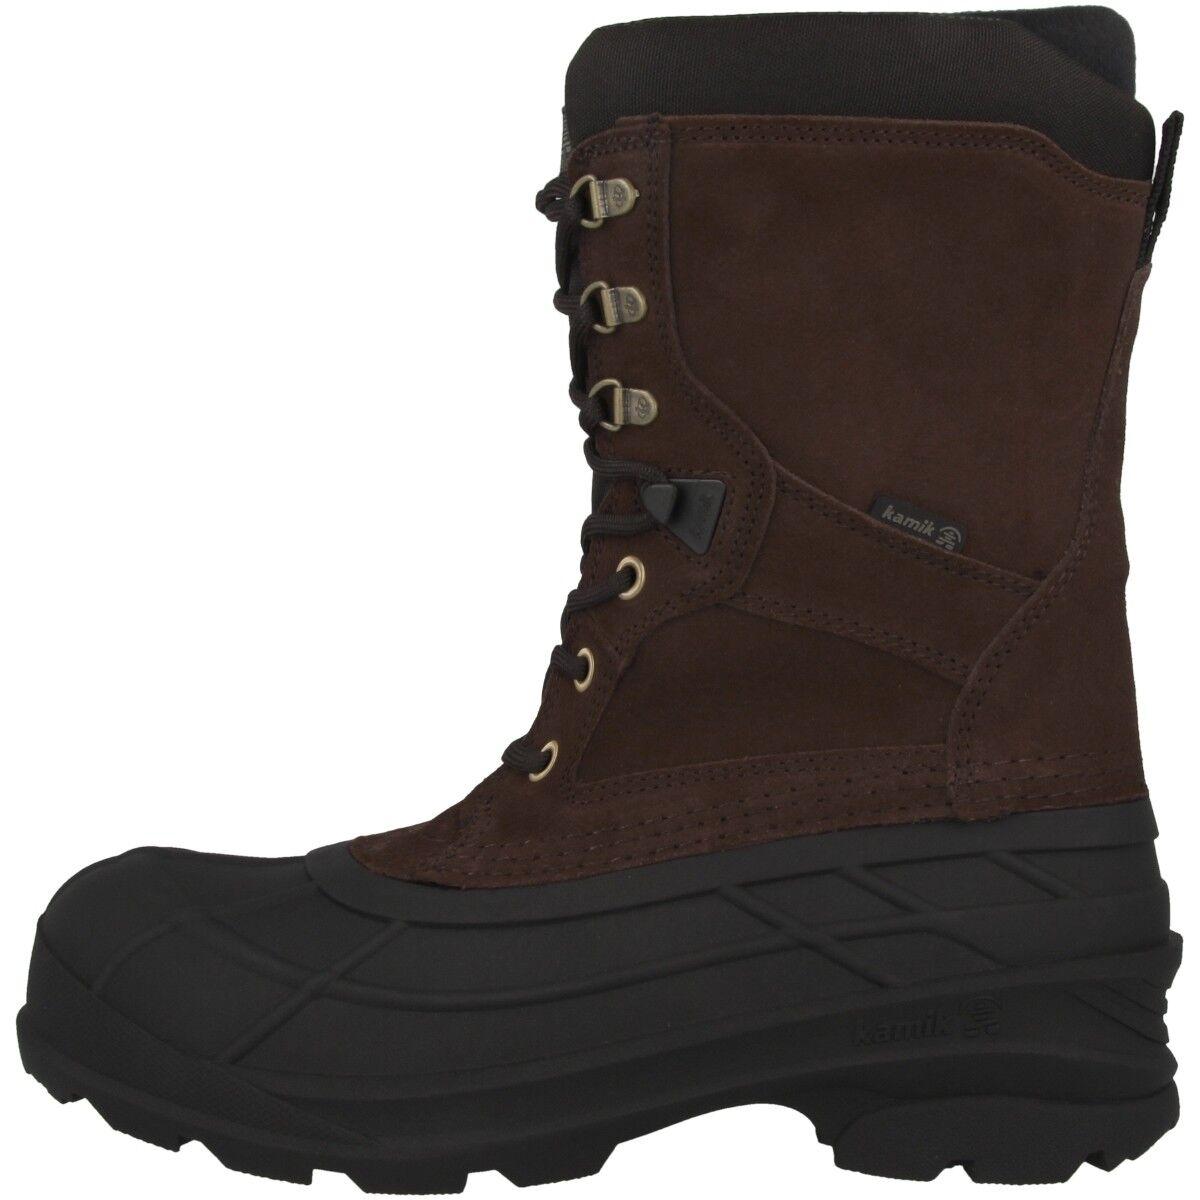 Kamik Nationplus Herren Winterstiefel Stiefel Schnee Stiefel Schuhe WK0097-DBR    | Garantiere Qualität und Quantität